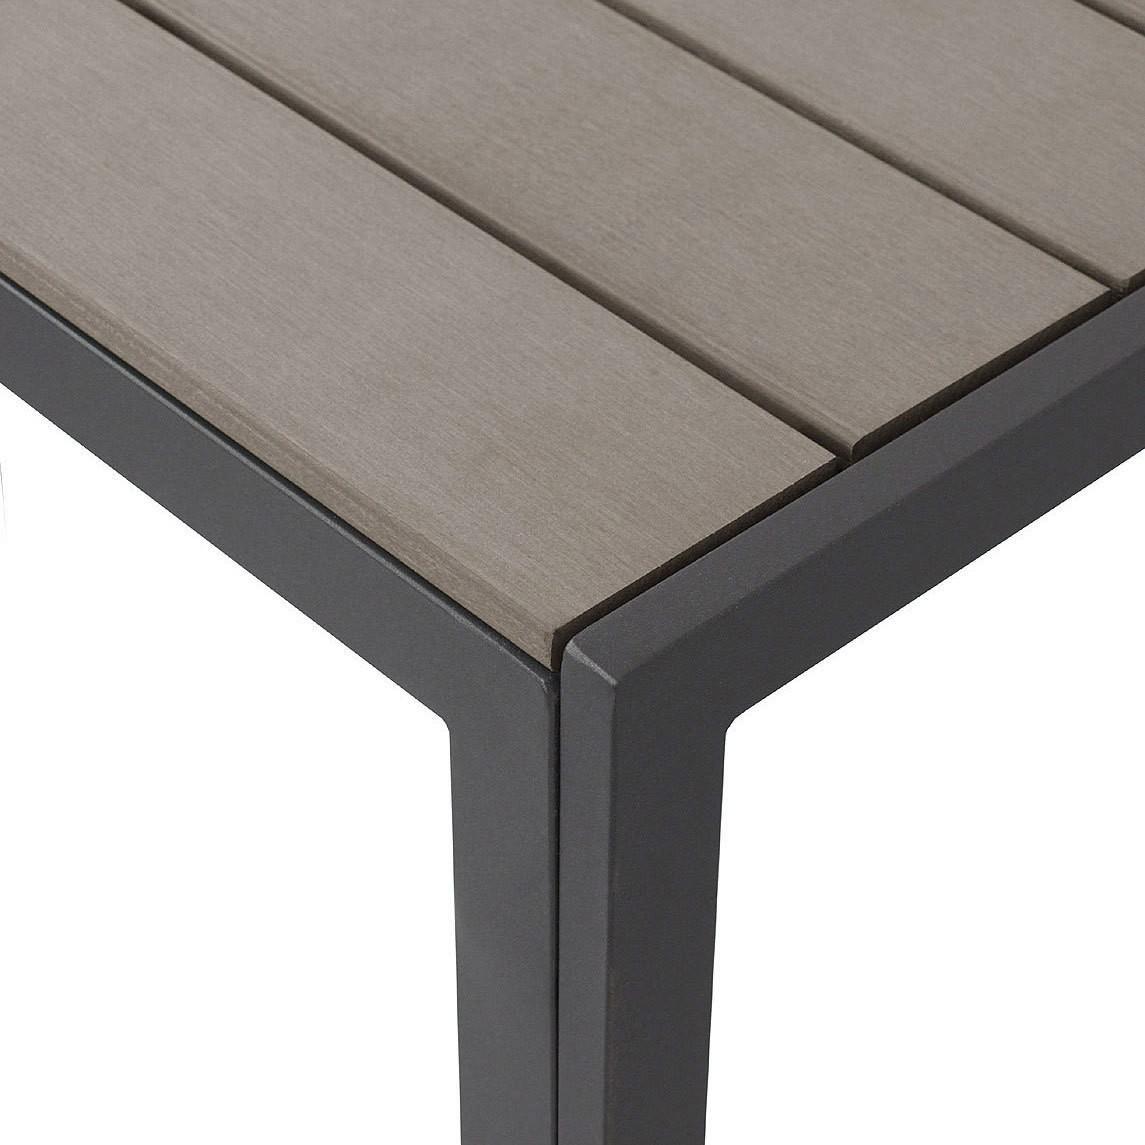 Elegant Gartentisch Aluminium / Polywood 205x90cm Smoked Grey U2013 Bild 3